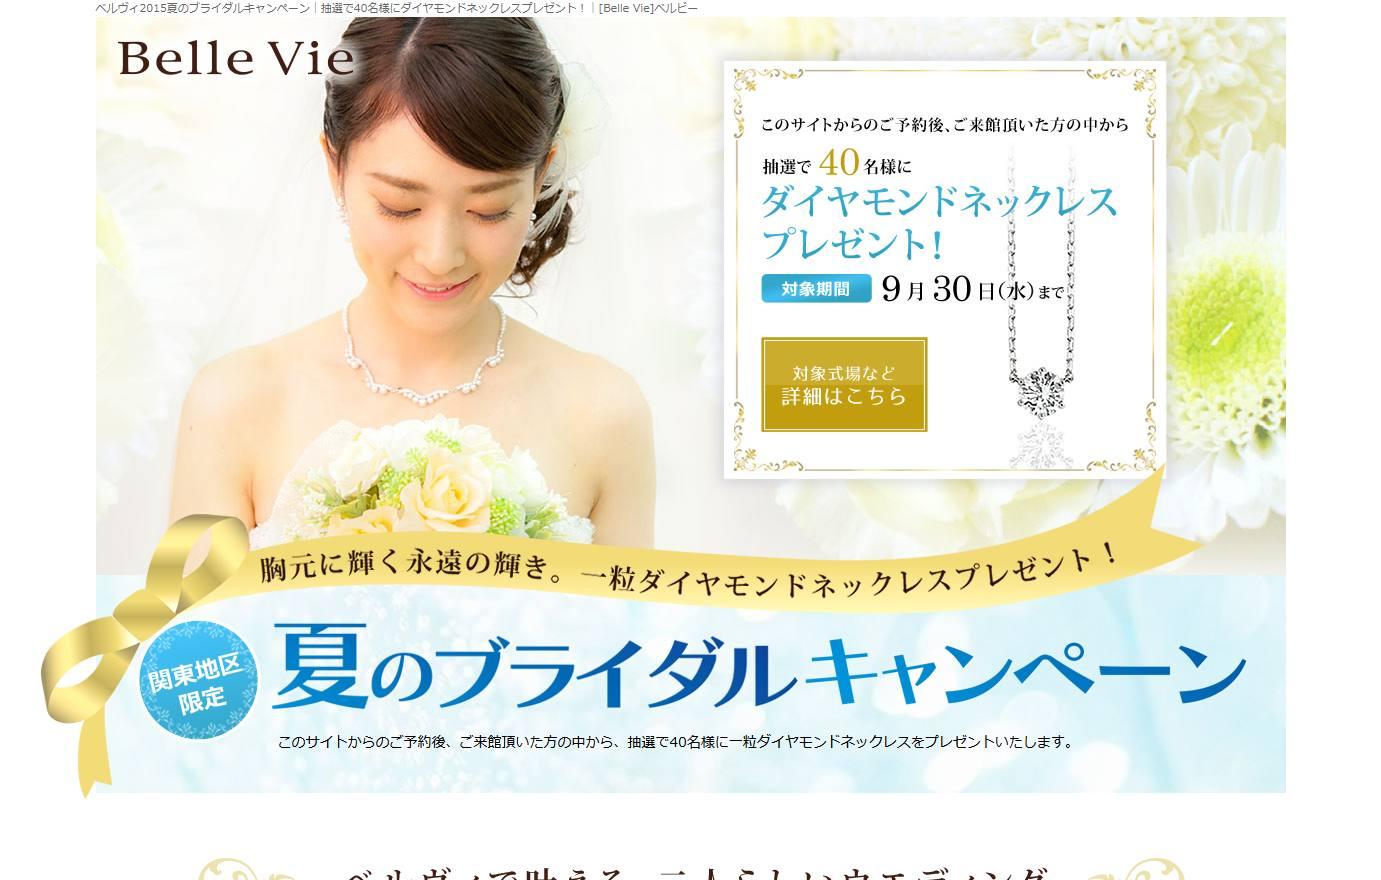 Belle Vie(ベルヴィ)夏のブライダルキャンペーン ダイヤモンドネックレスプレゼント!